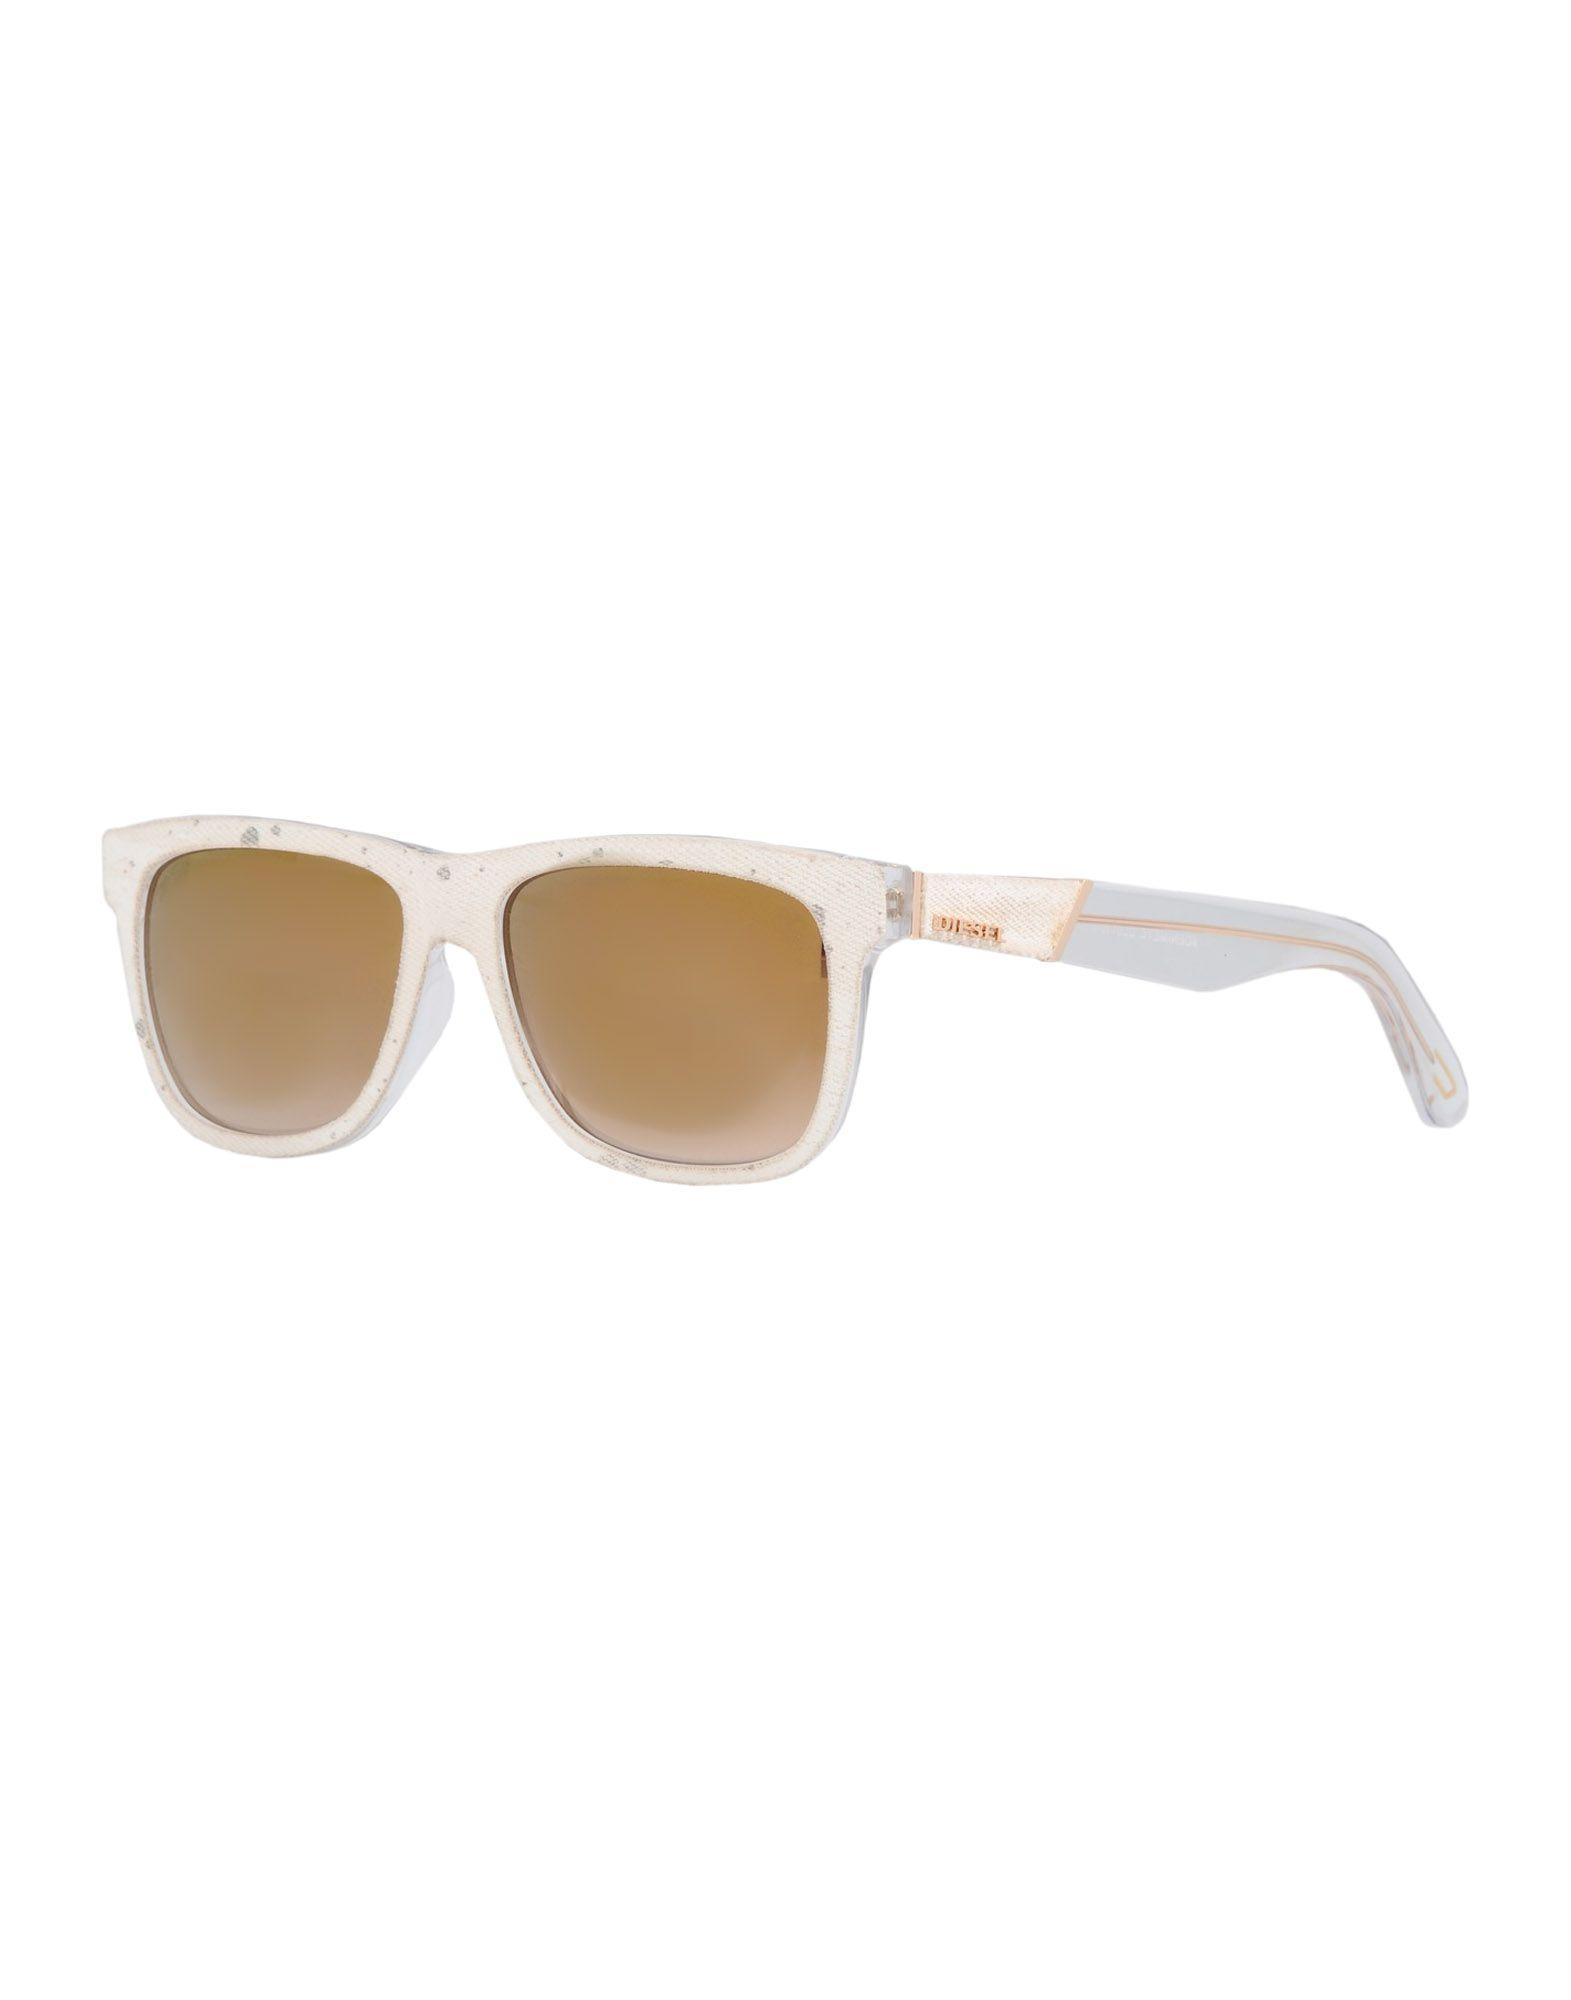 DIESEL Солнечные очки vogue vogel очки черного кадра серебряного покрытия линза мода полной оправе очки vo5067sd w44s6g 56мм